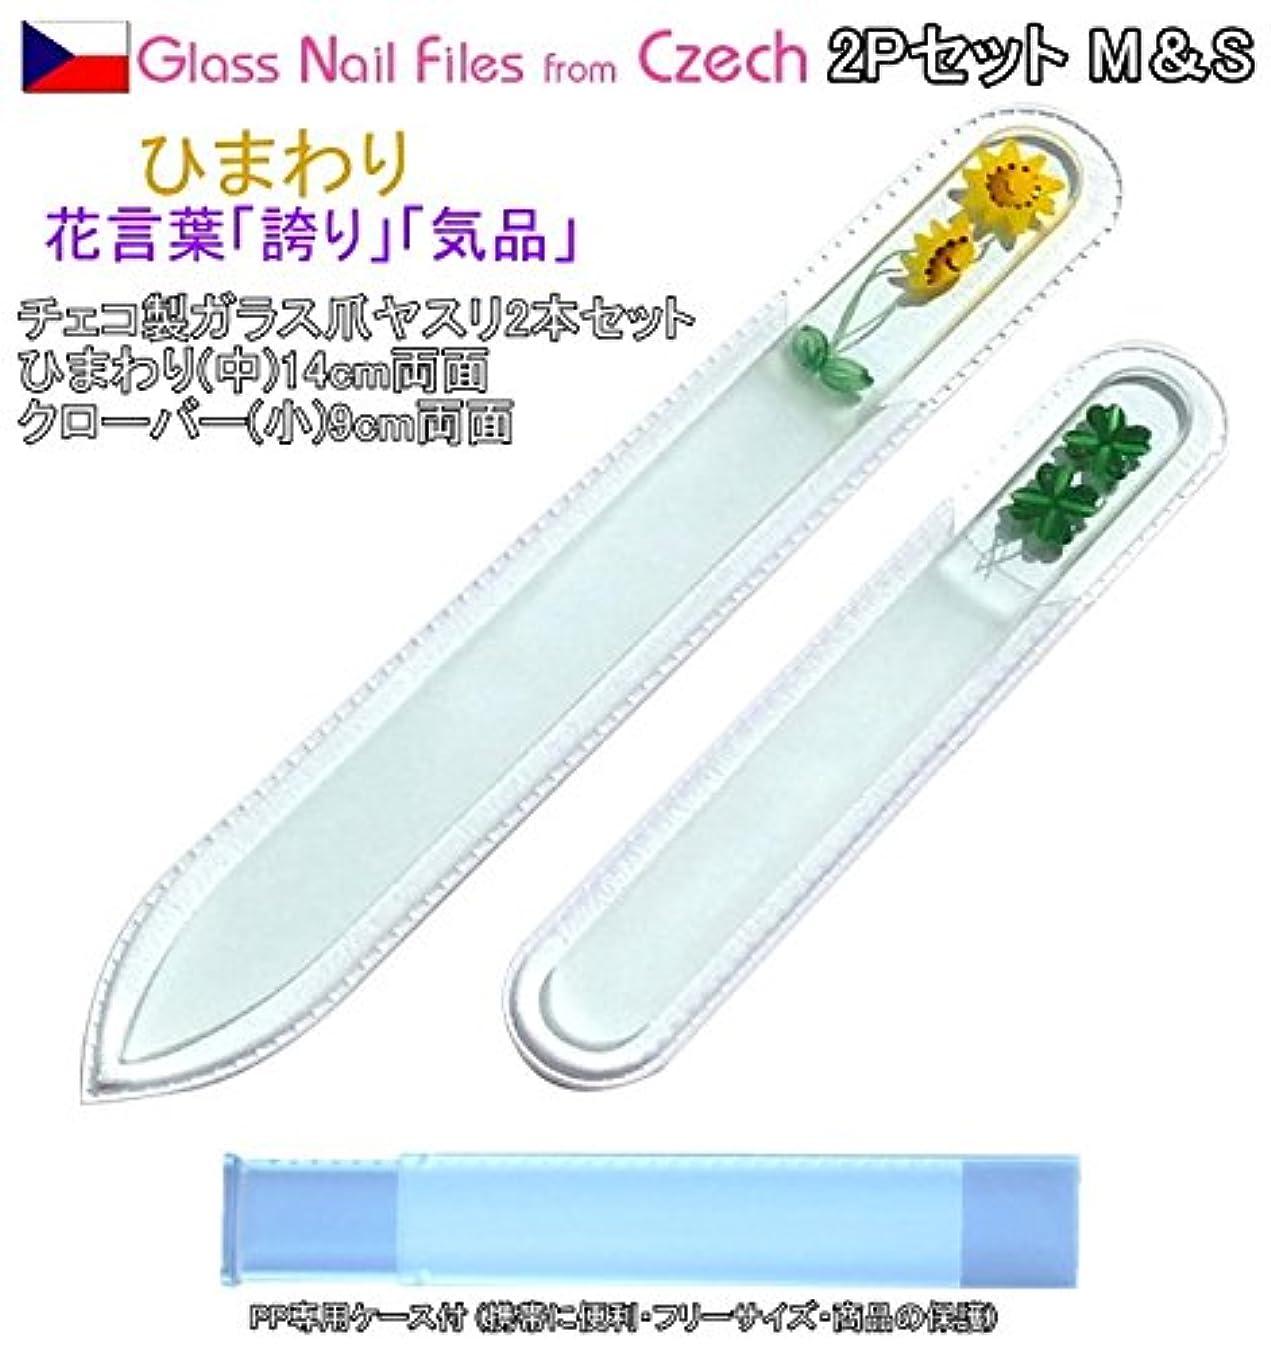 威するめまいがエコーBISON チェコ製ガラス爪ヤスリ ひまわり 2本セット 14cm&9cm ミニクローバー 両面仕上げ 専用ケース付